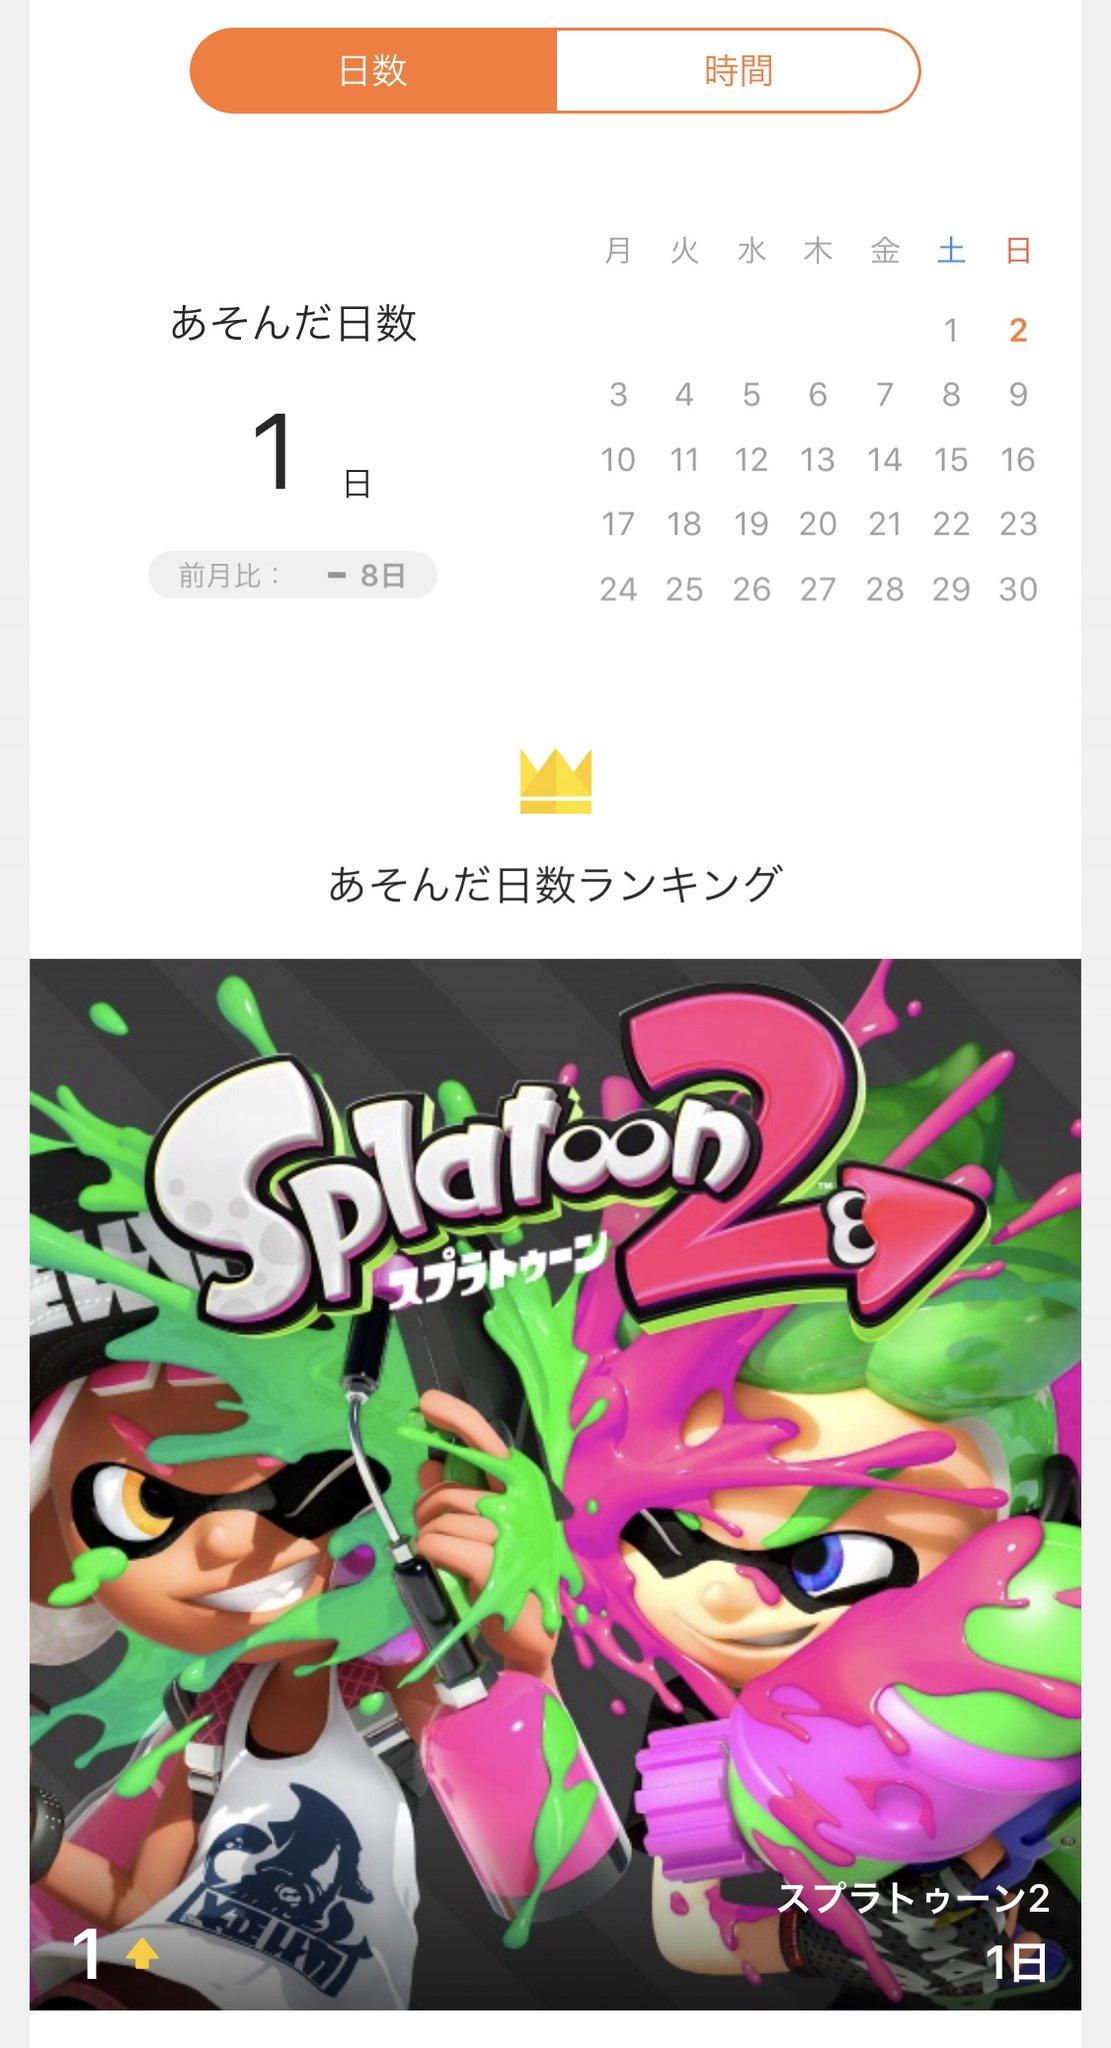 先月は Nintendo Switch で1日しか遊んでいなかった、しかも内訳はスプラトゥーン2を25分間だけ(;・∀・) Nintendo Switch Online に1人月額300円払うかどうか迷うな・・・ファミリープランなら12ヶ月で4500円だから、1ヶ月あたり家族で375円だと考えるとお安いけどスイッチでまだ遊ぶかな。。。 https://t.co/lIvEYwzvDQ